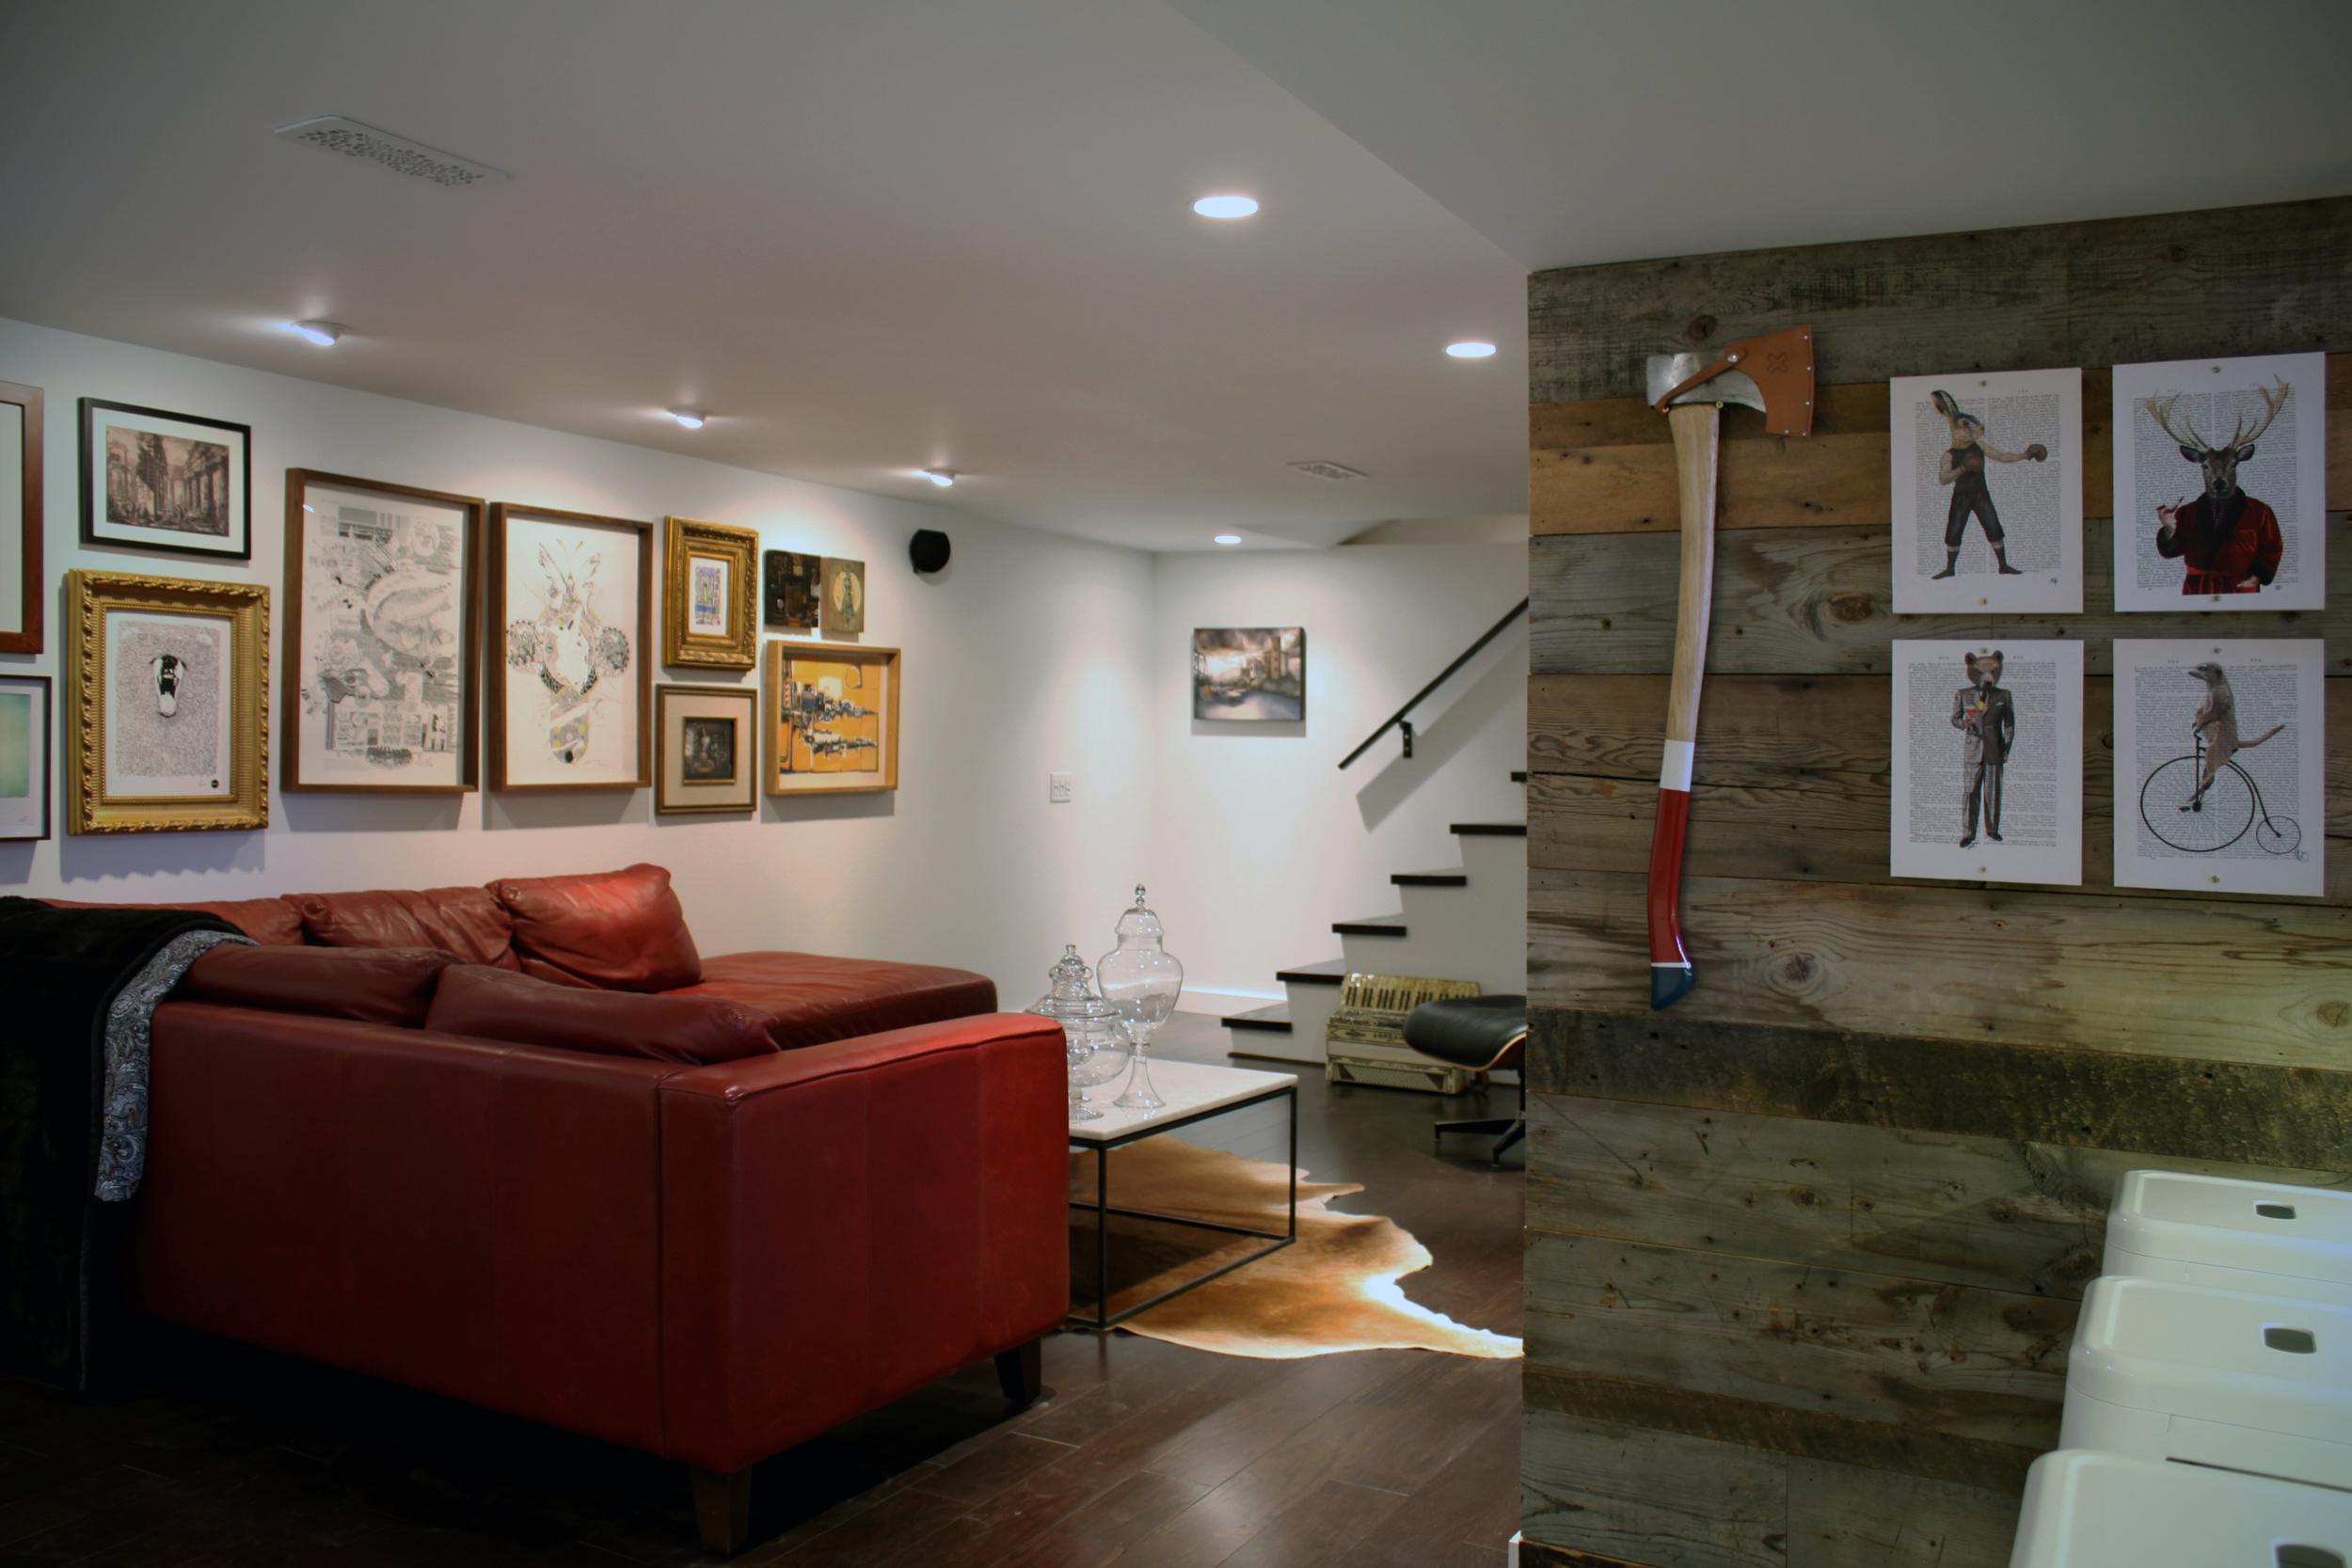 angled_into_living_room.jpg